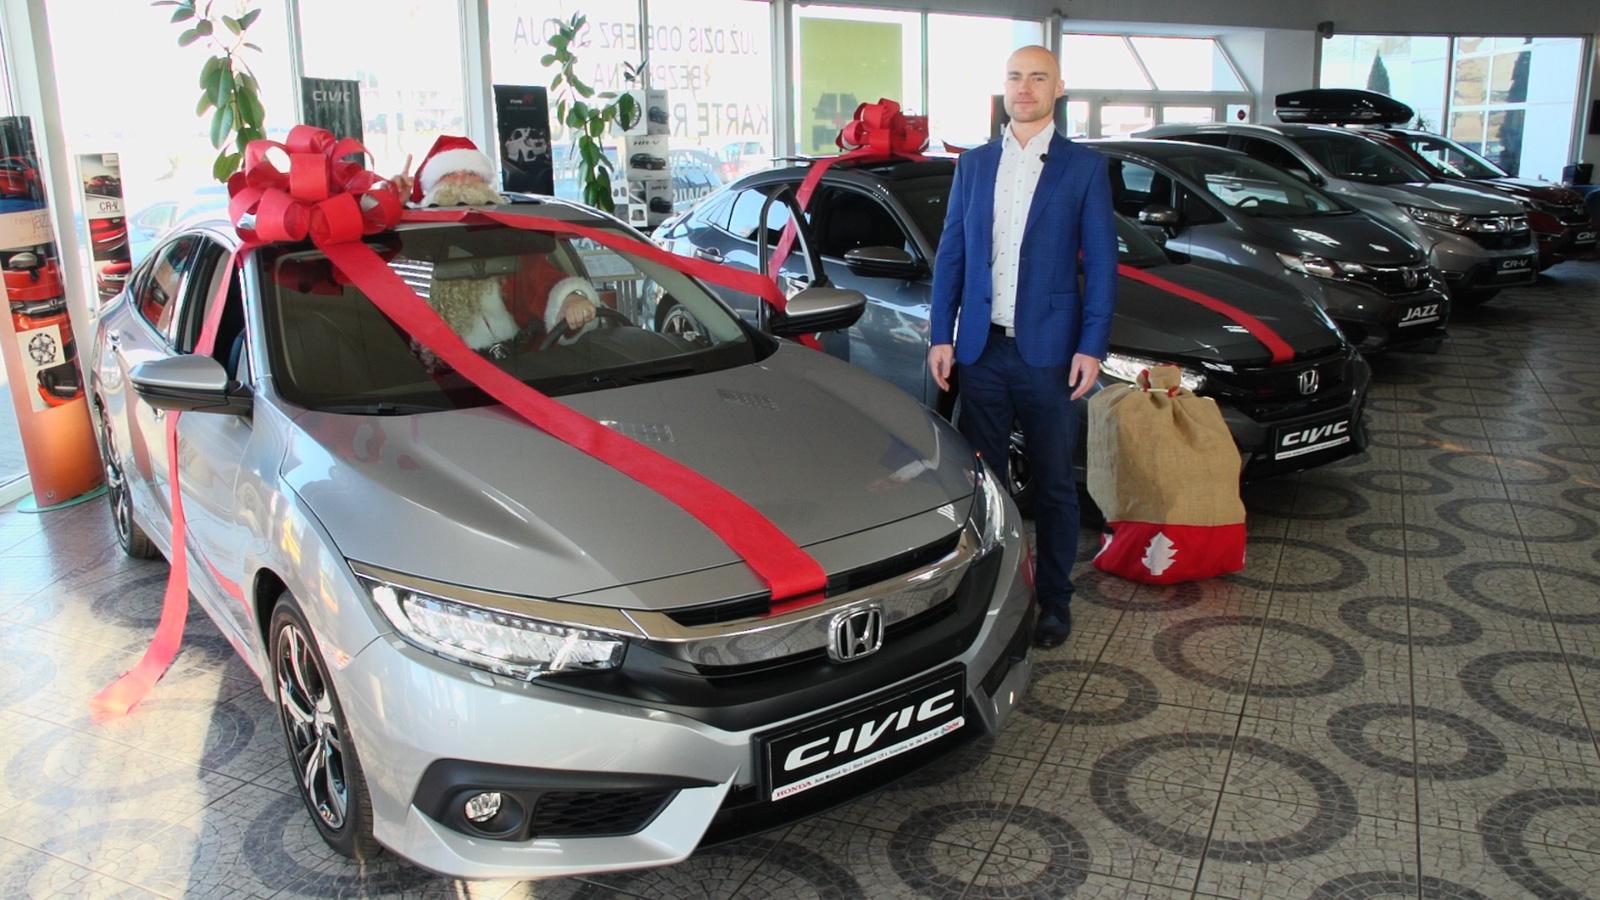 Rata leasingu dla prezentowanego modelu Honda Civic 1.5 T Sport może wynosić już od 1622,90 zł netto miesięcznie (przy 36 ratach i całkowitym limicie kilometrów wynoszącym - 60 tys. km).